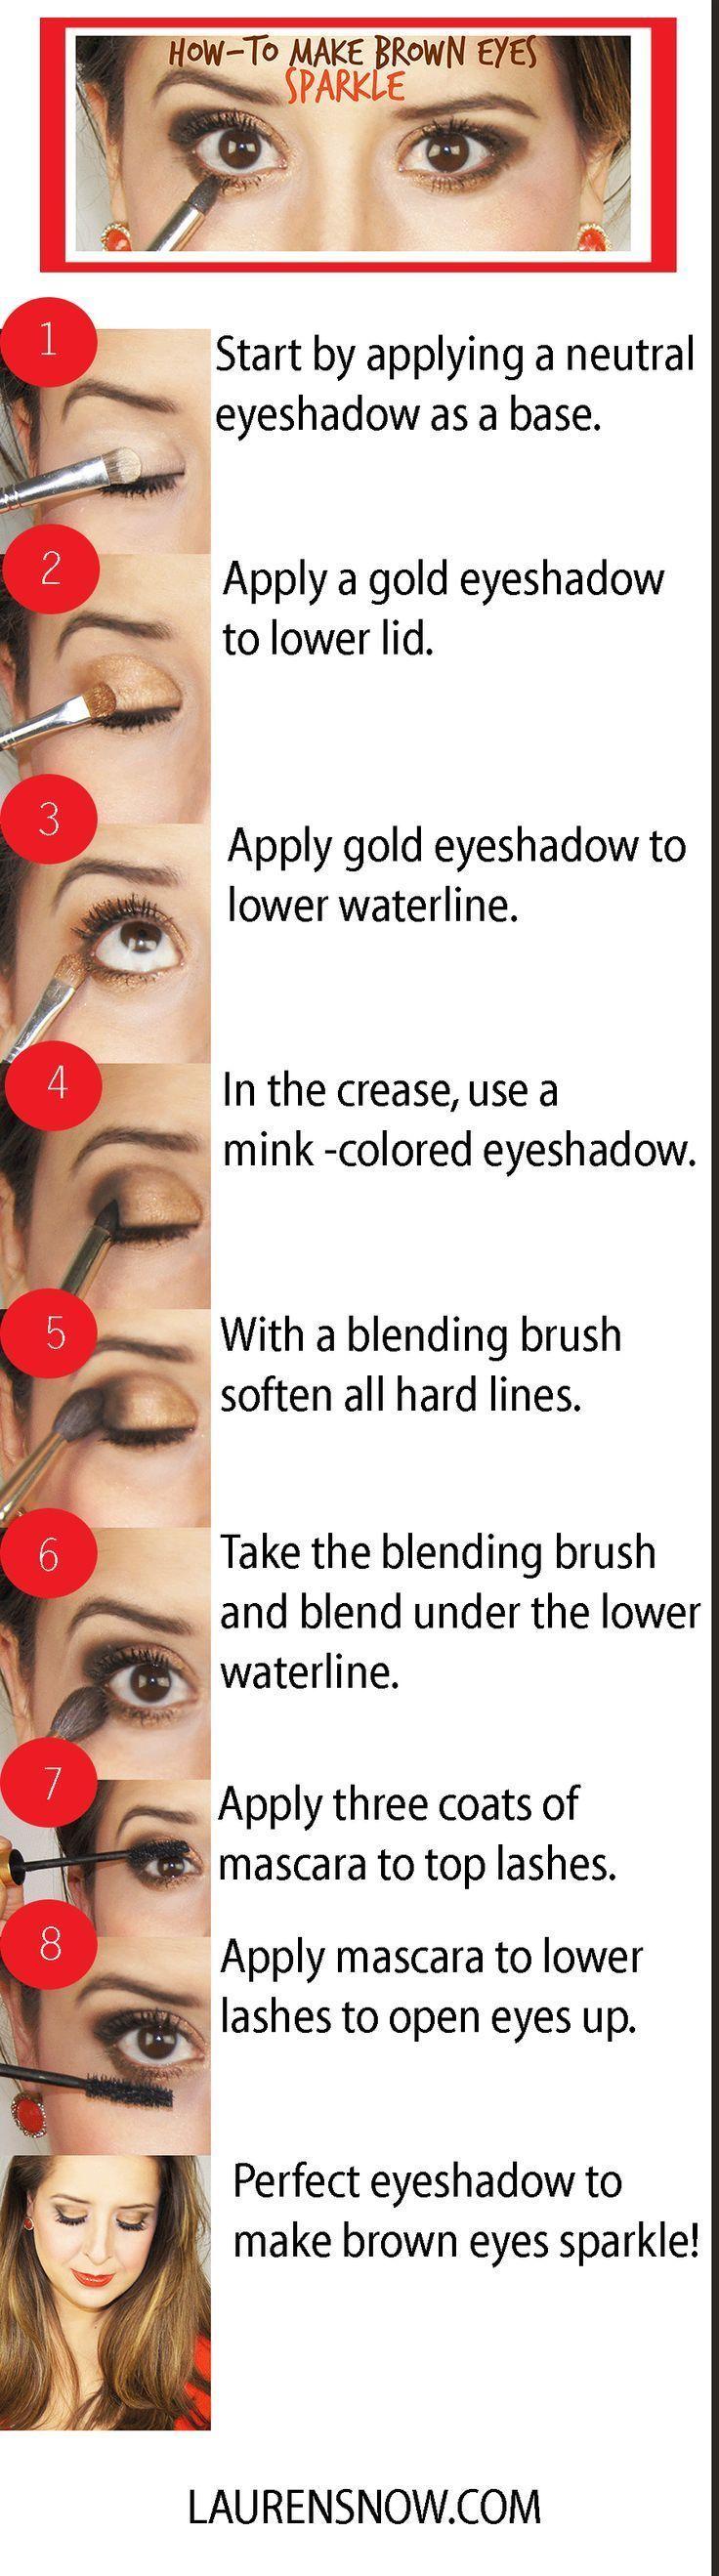 Eye makeup for brown eyes tutorial